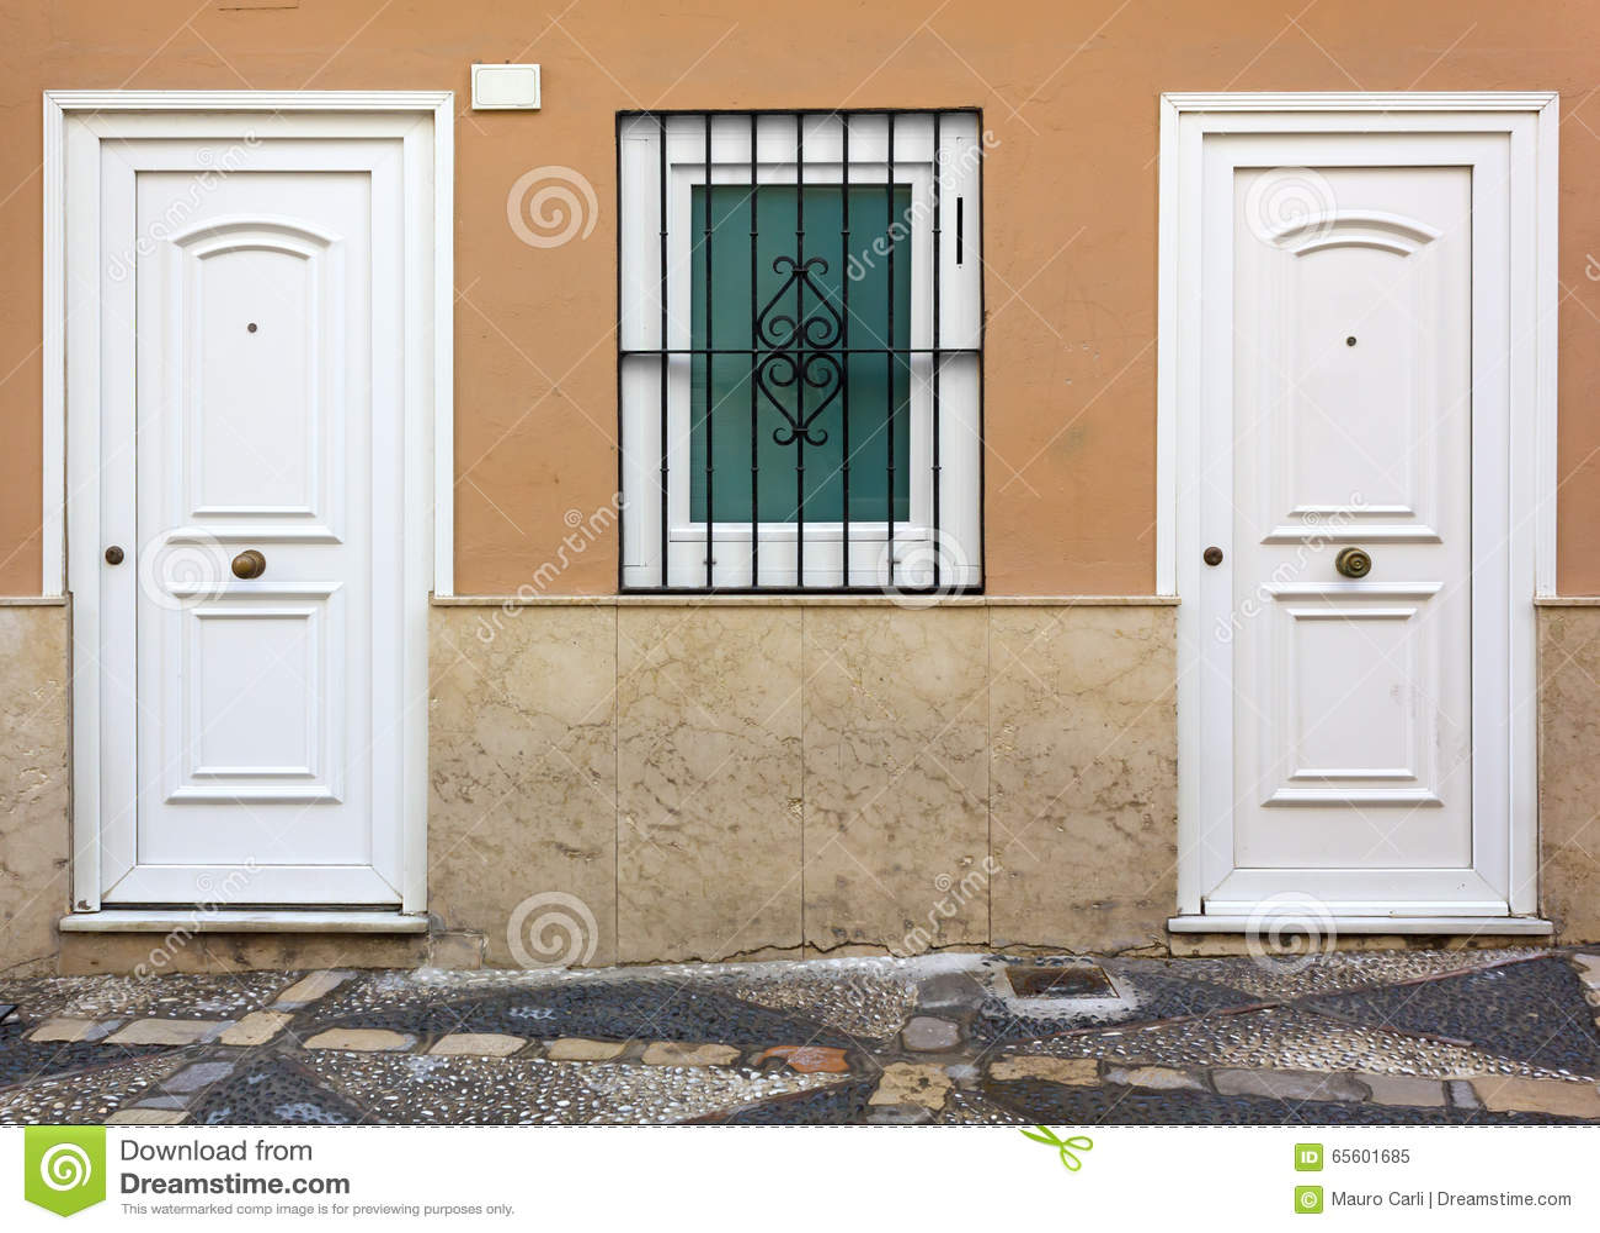 Fachada de la casa con dos puertas blancas foto de archivo - Casas con puertas blancas ...